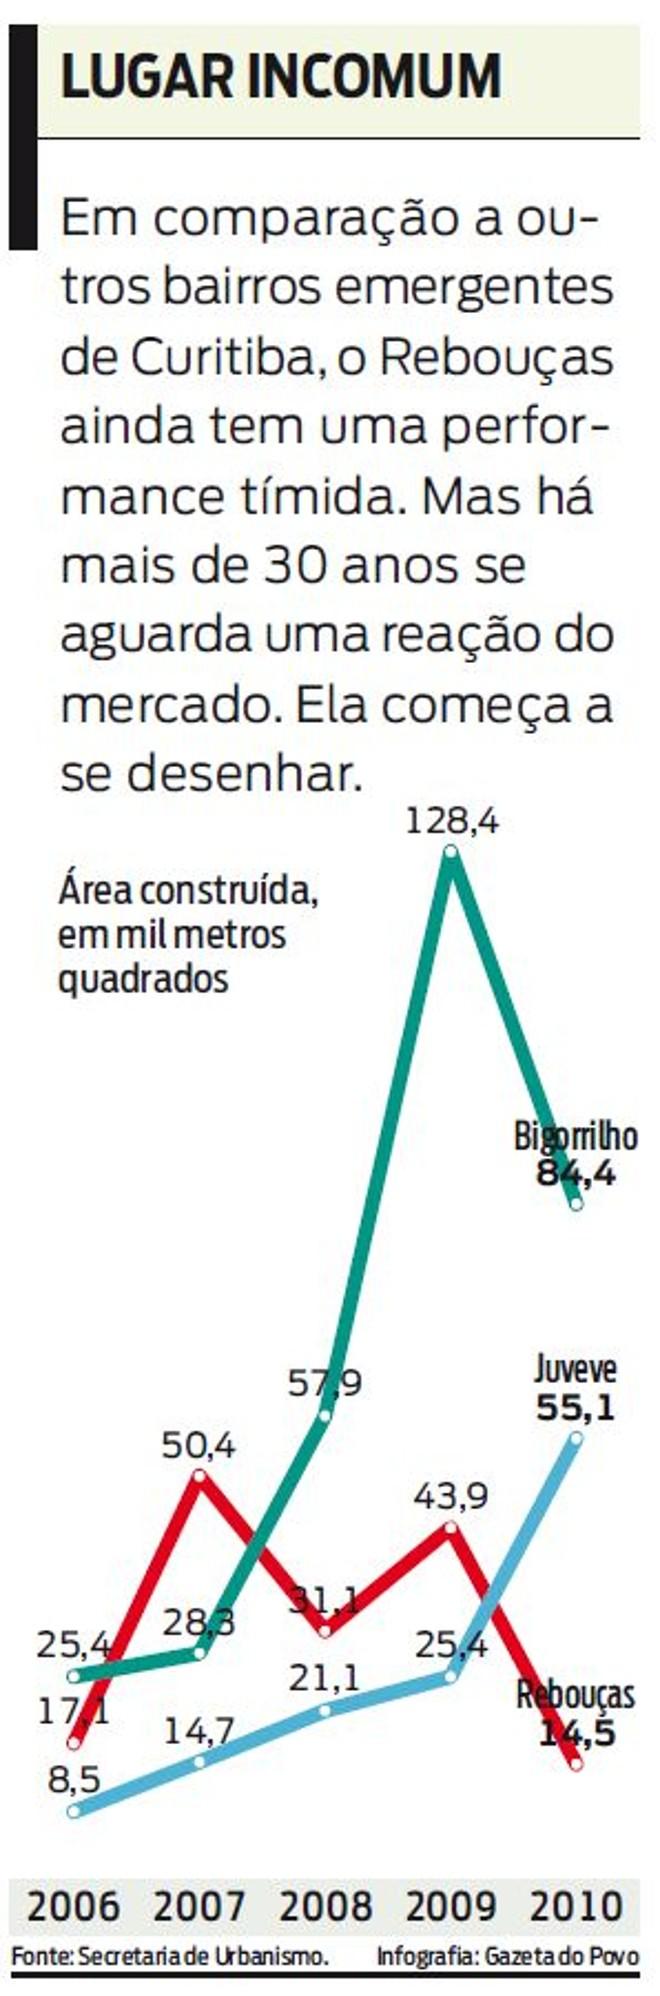 Confira a área construída em mil m² de alguns bairros de Curitiba |